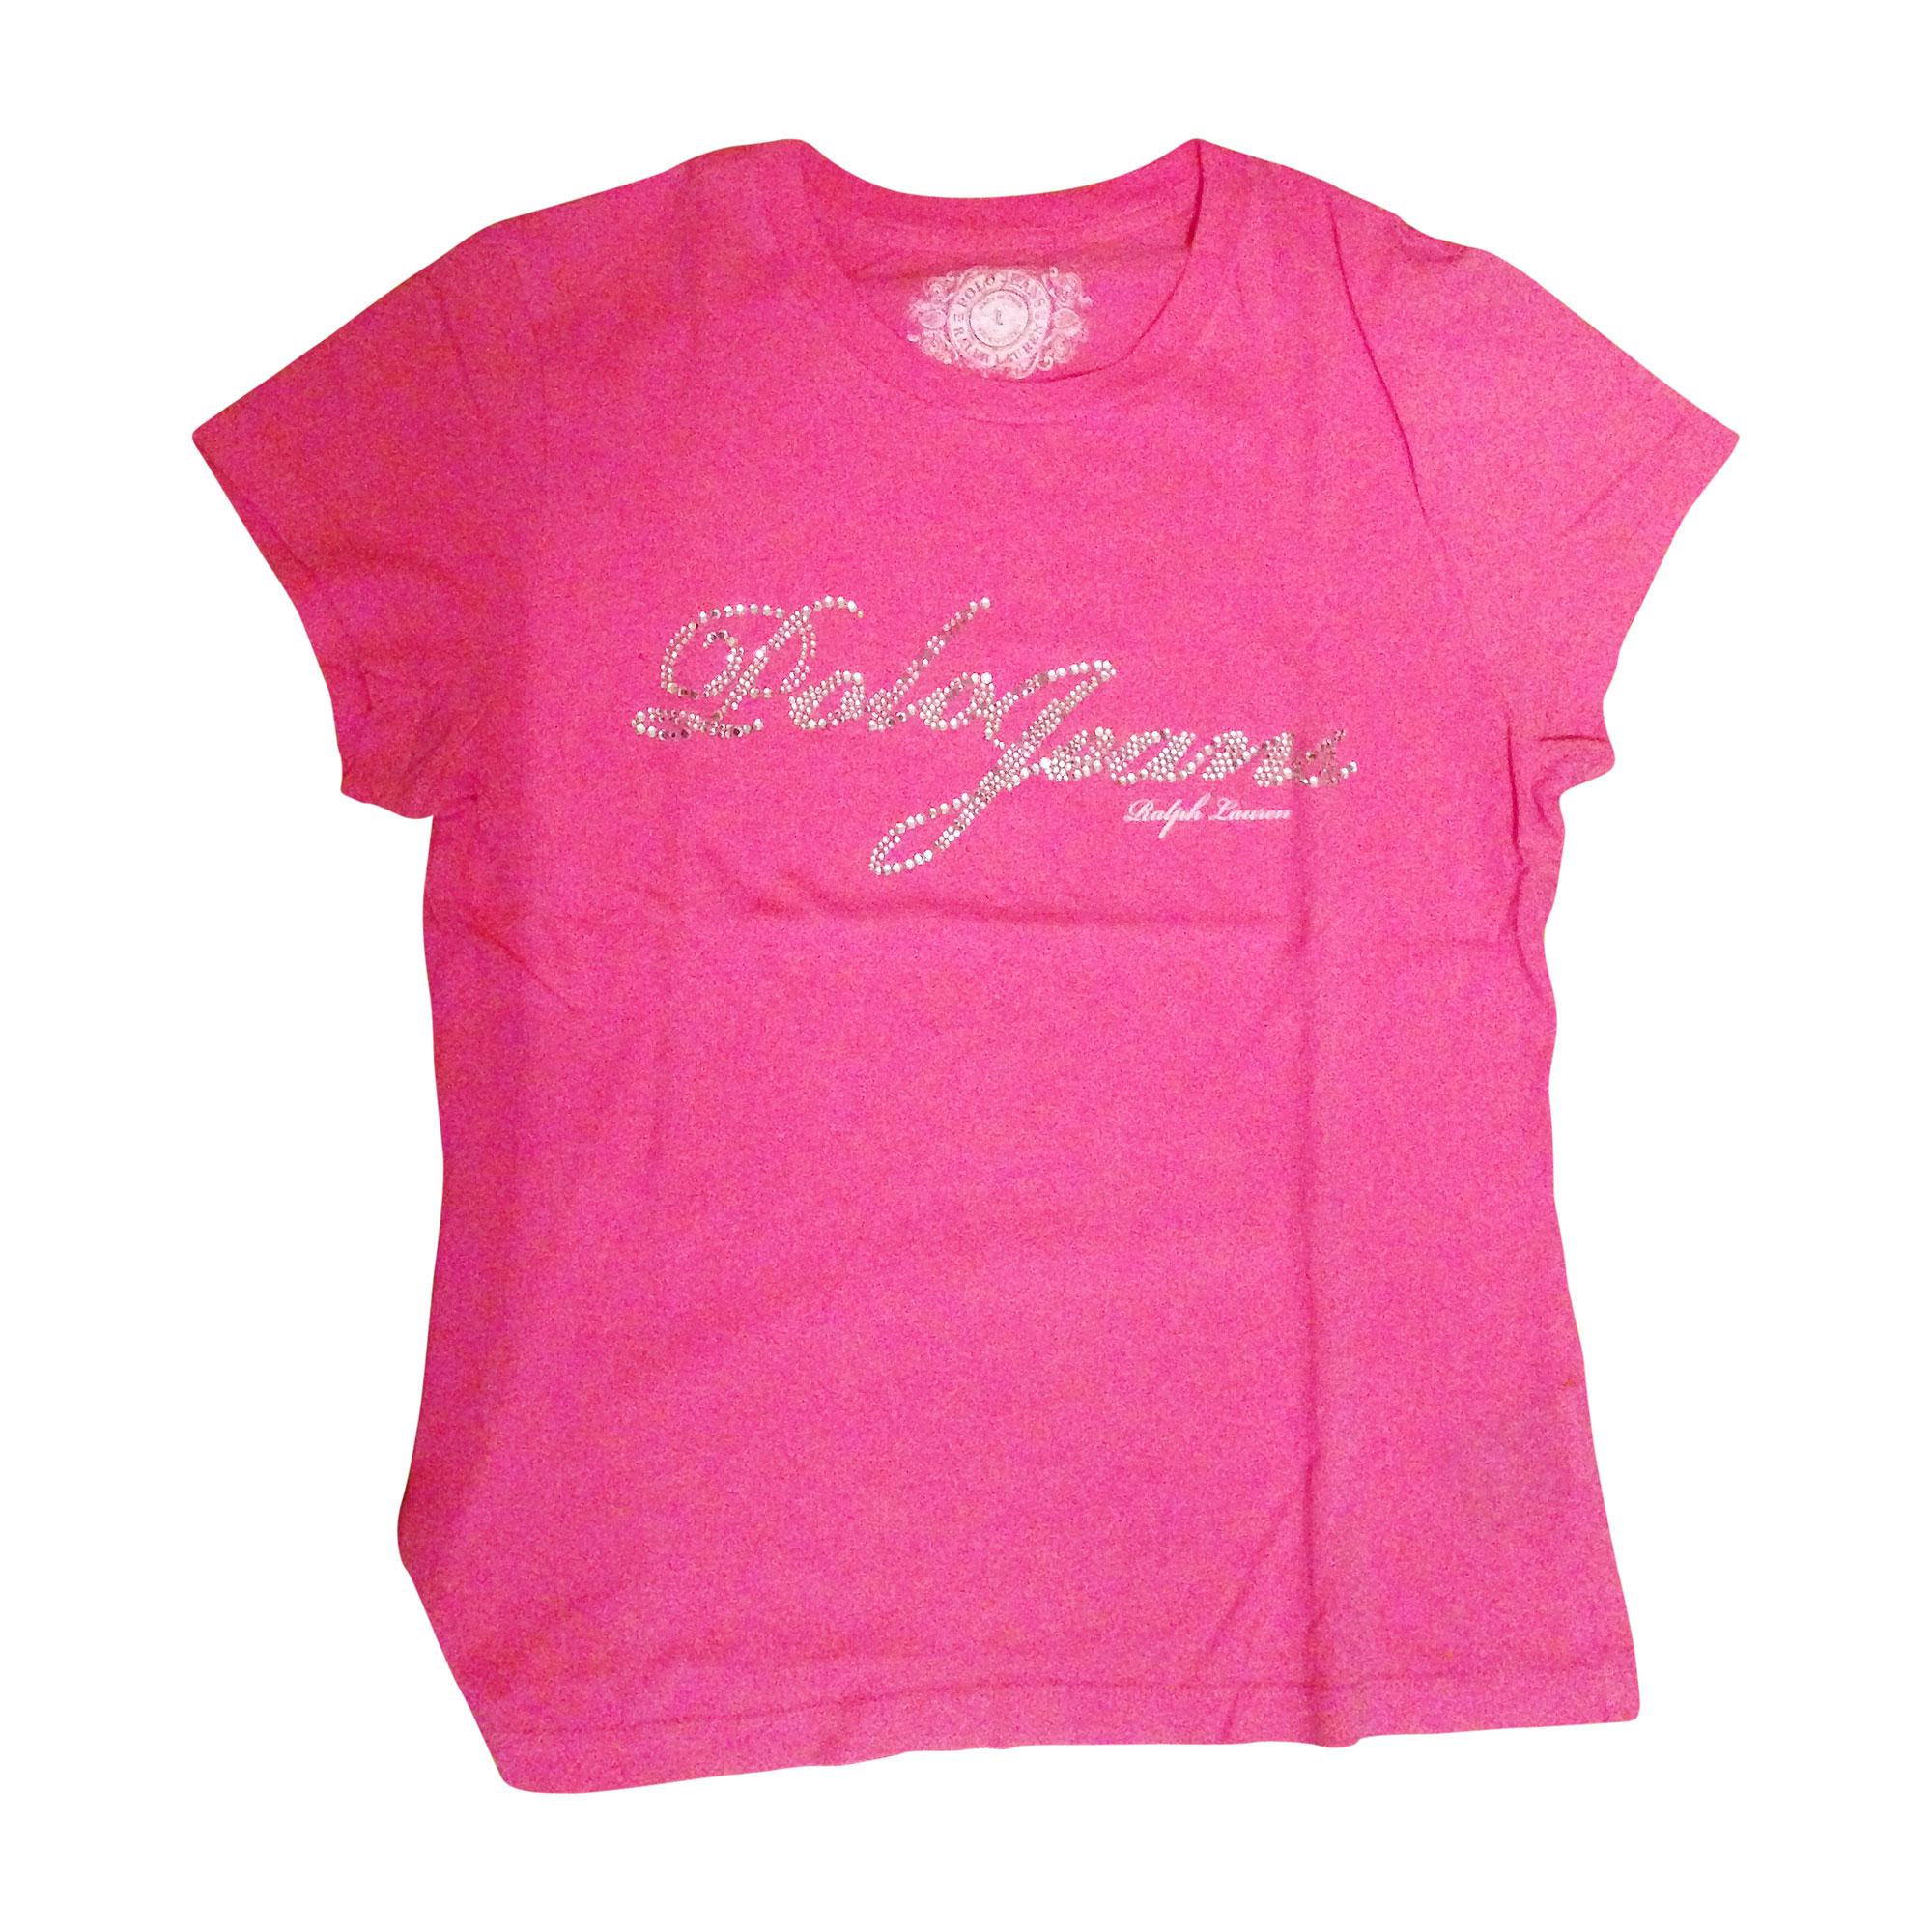 Lauren Ans 15 16 TopTee Ralph Shirt 3293279 Rose RL54jA